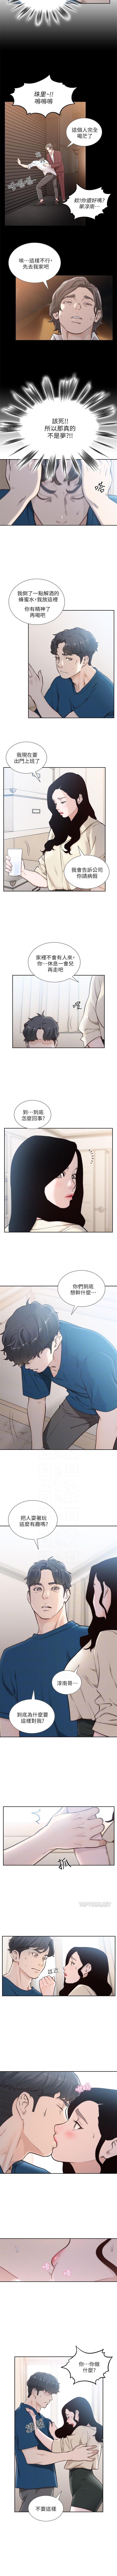 前女友 1-48 中文翻译(更新中) 219